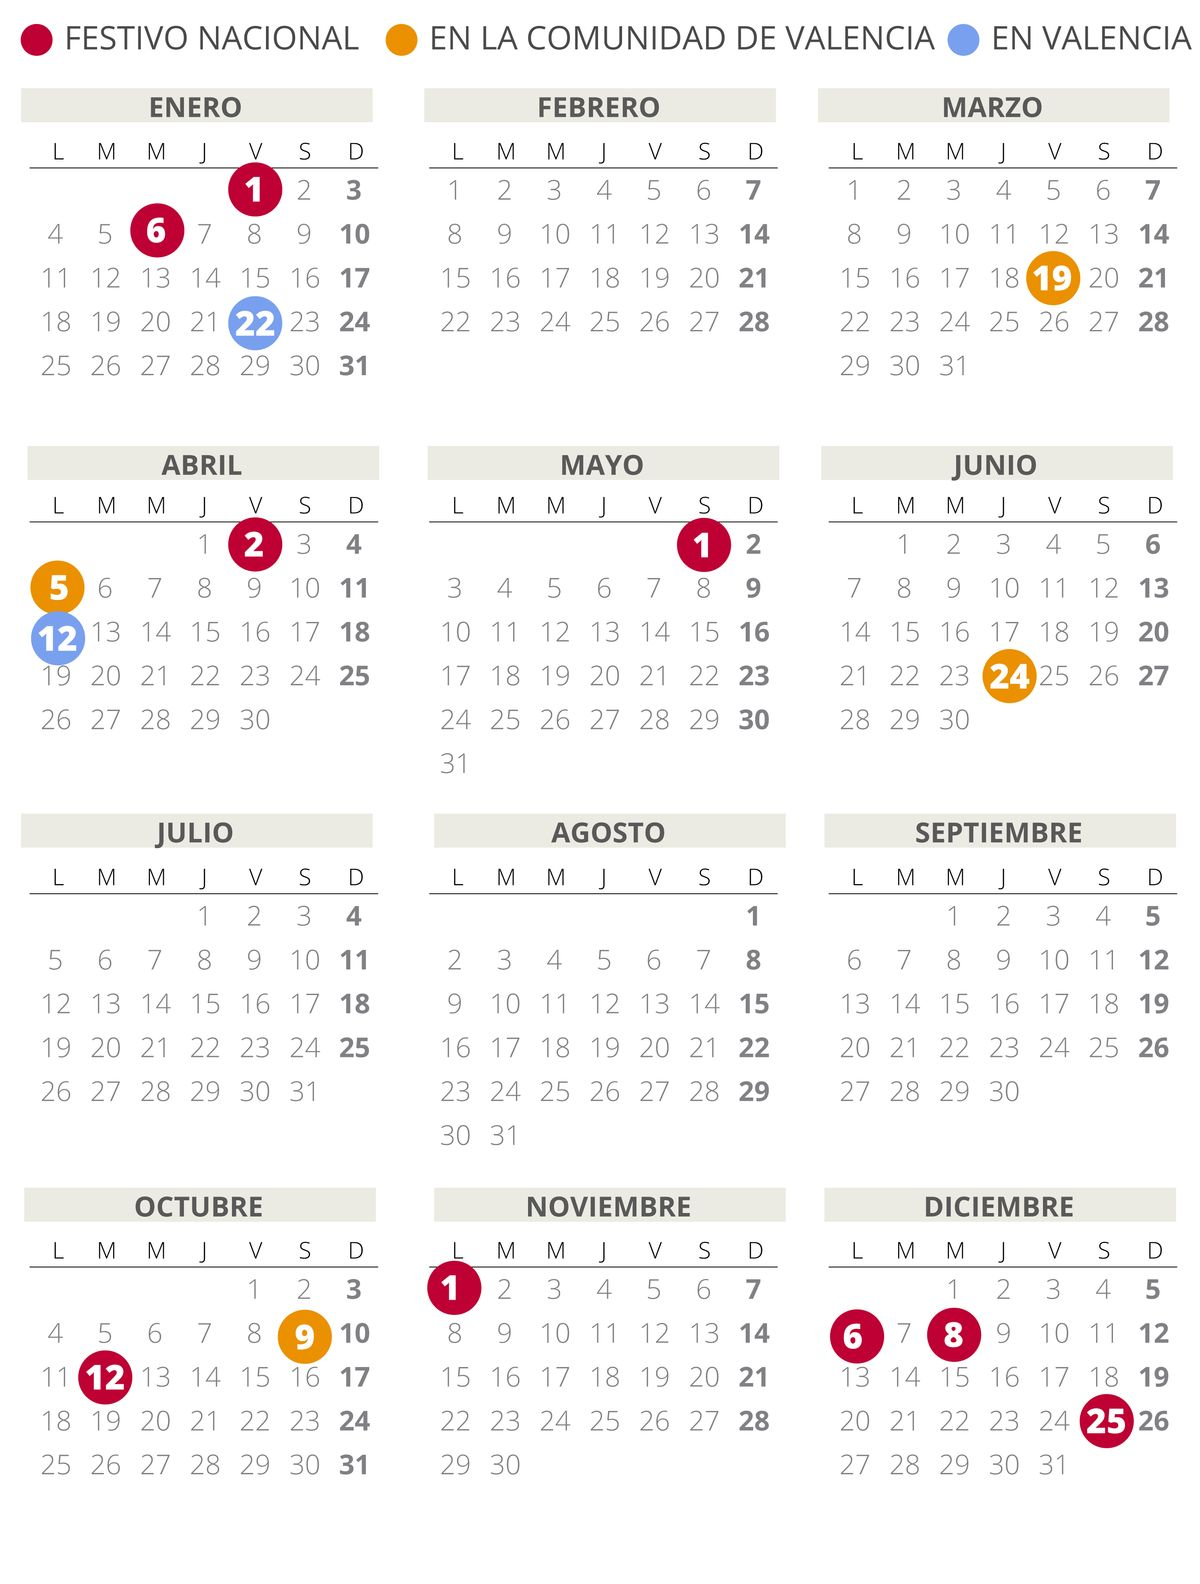 Calendario laboral de Valencia del 2021.